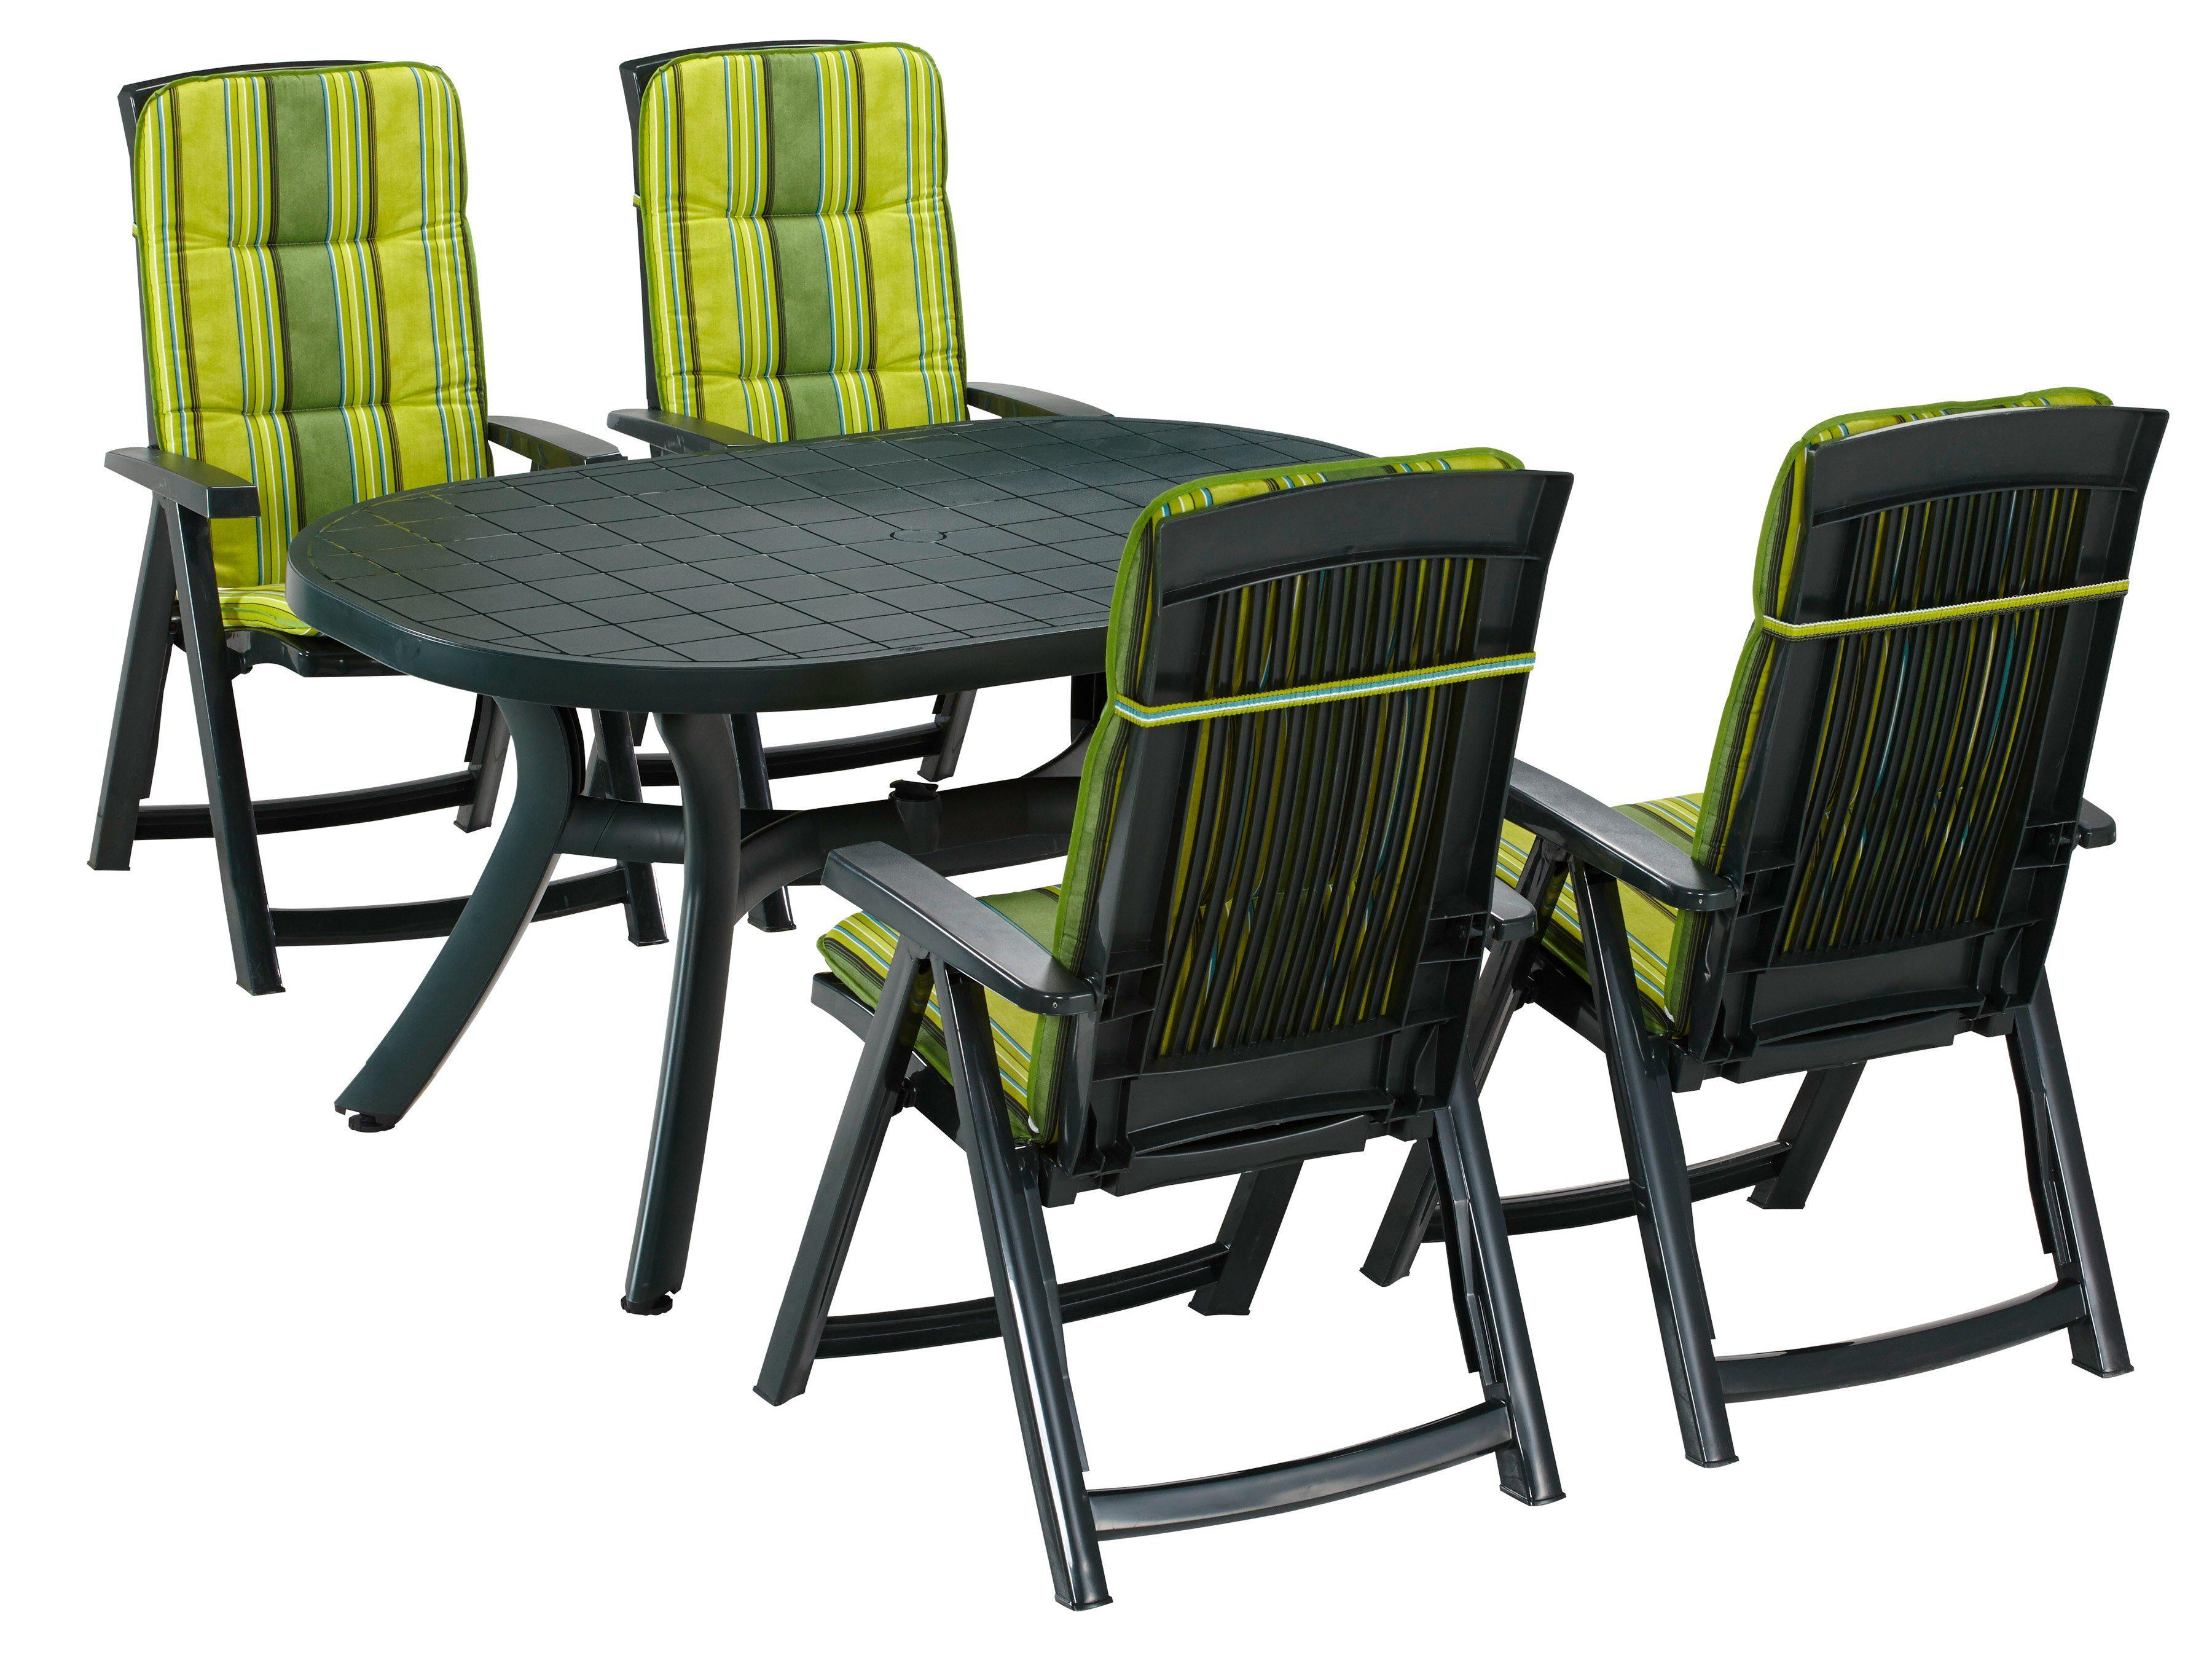 BEST Gartenmöbelset »Kansas«, 9-tlg., 4 Klappsessel, Tisch 145x95 cm, Kunststoff, grün